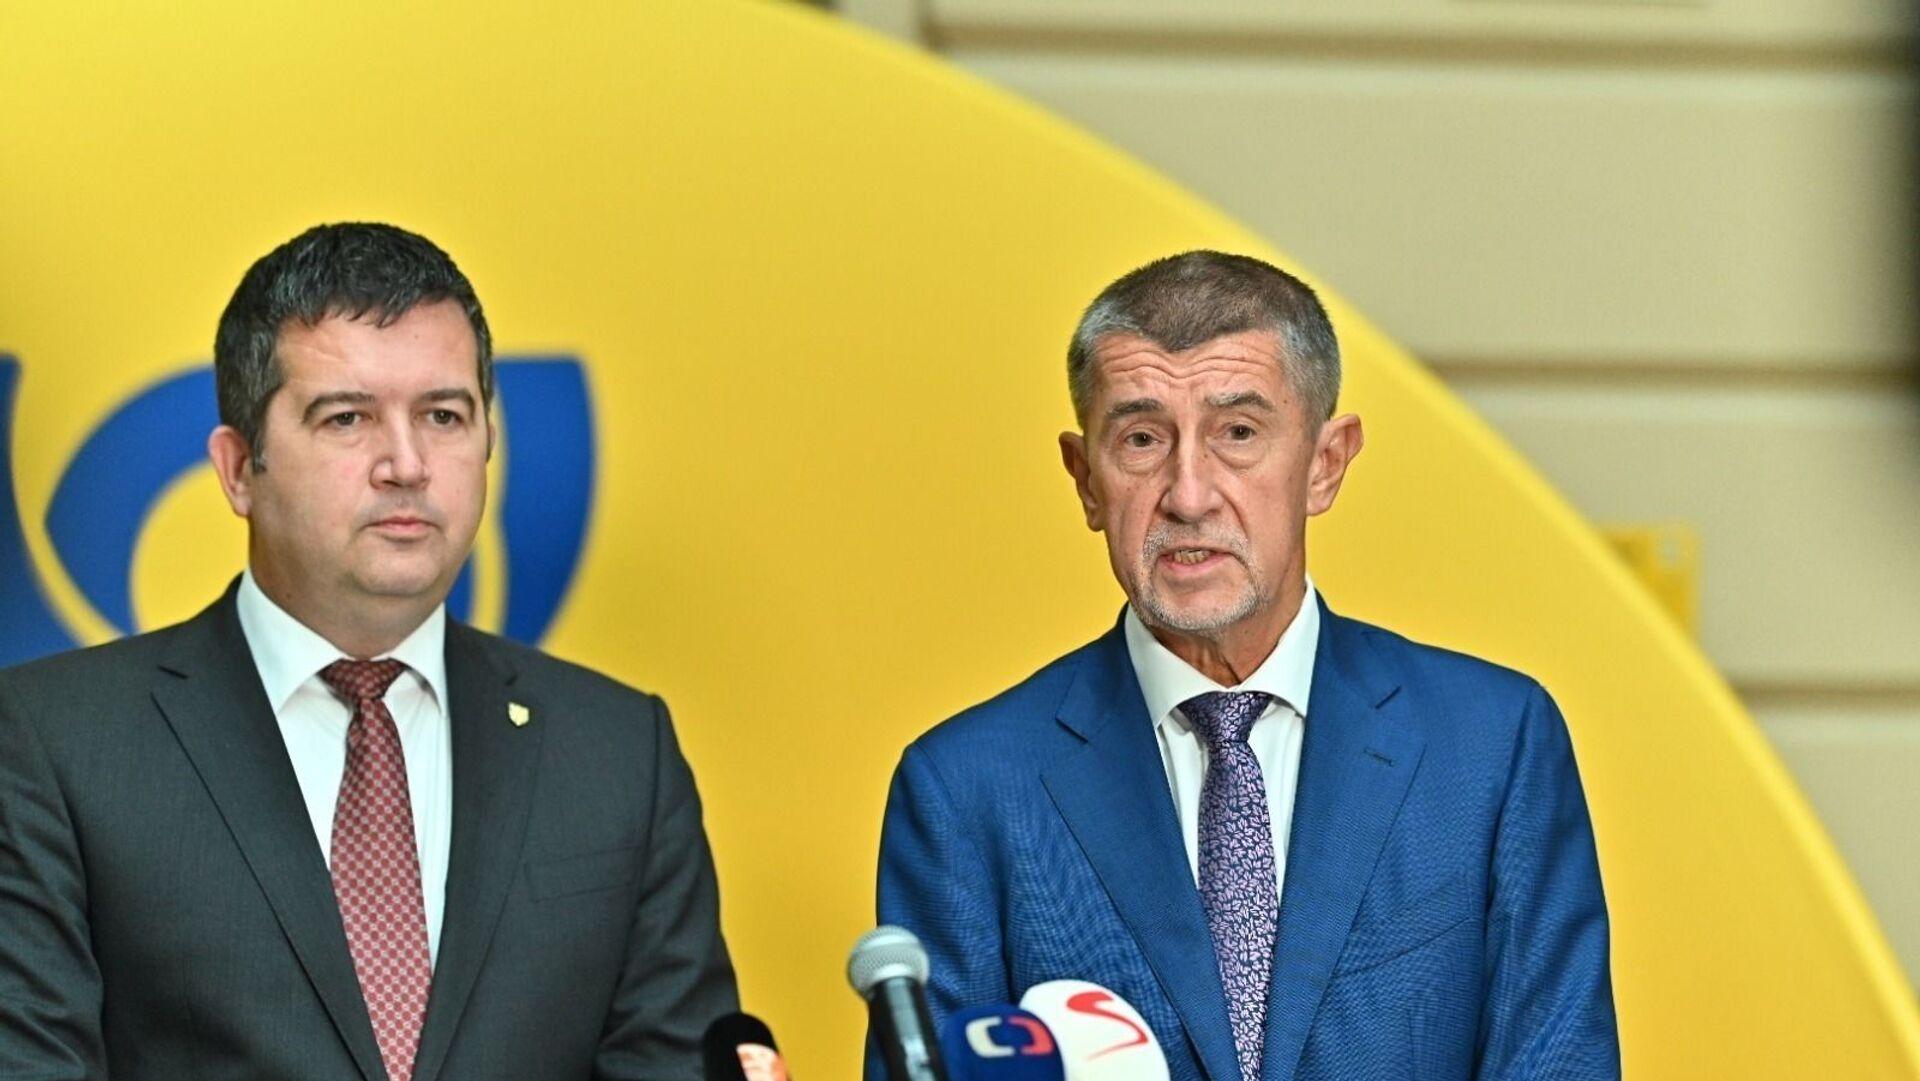 Jan Hamáček a Andrej Babiš - Sputnik Česká republika, 1920, 05.03.2021